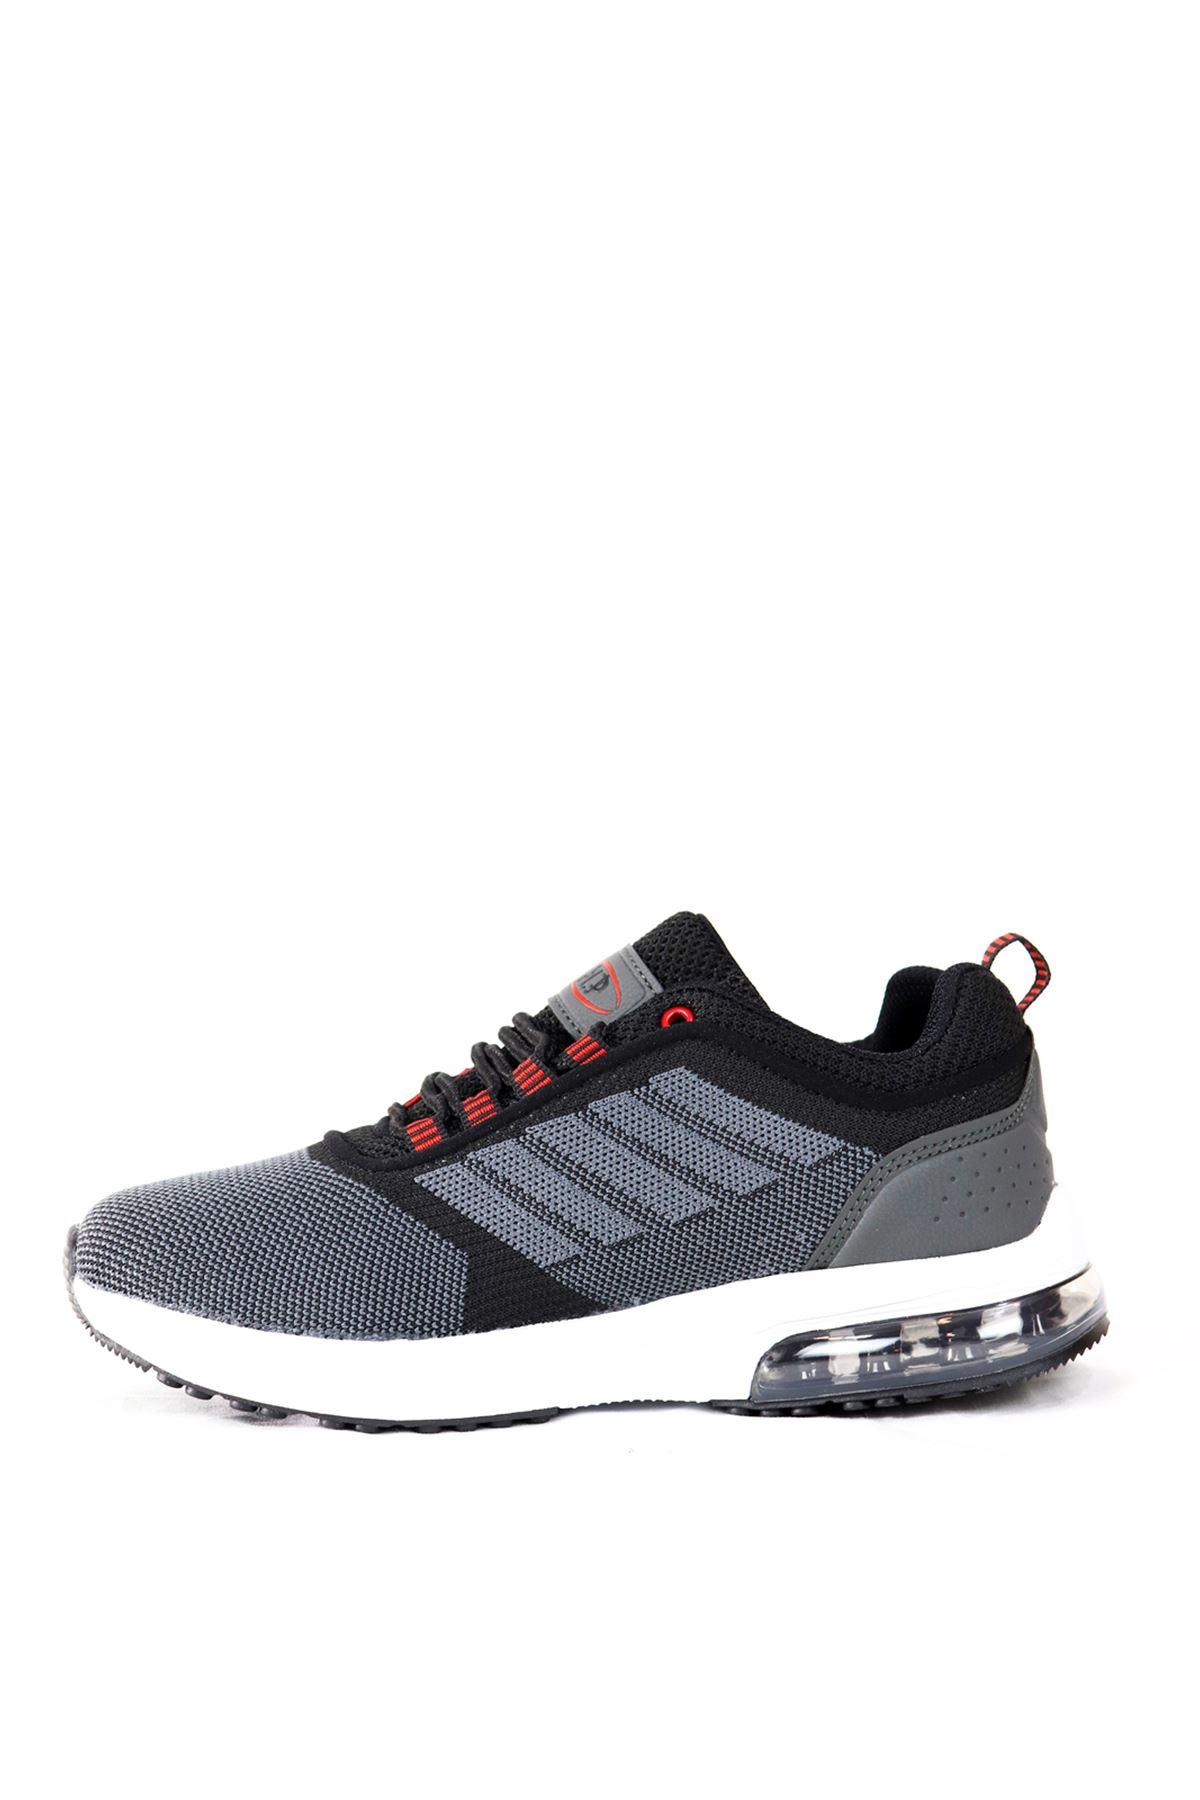 MP - 201 - 1172ZN - Gri/Siyah Kadın Spor Ayakkabısı